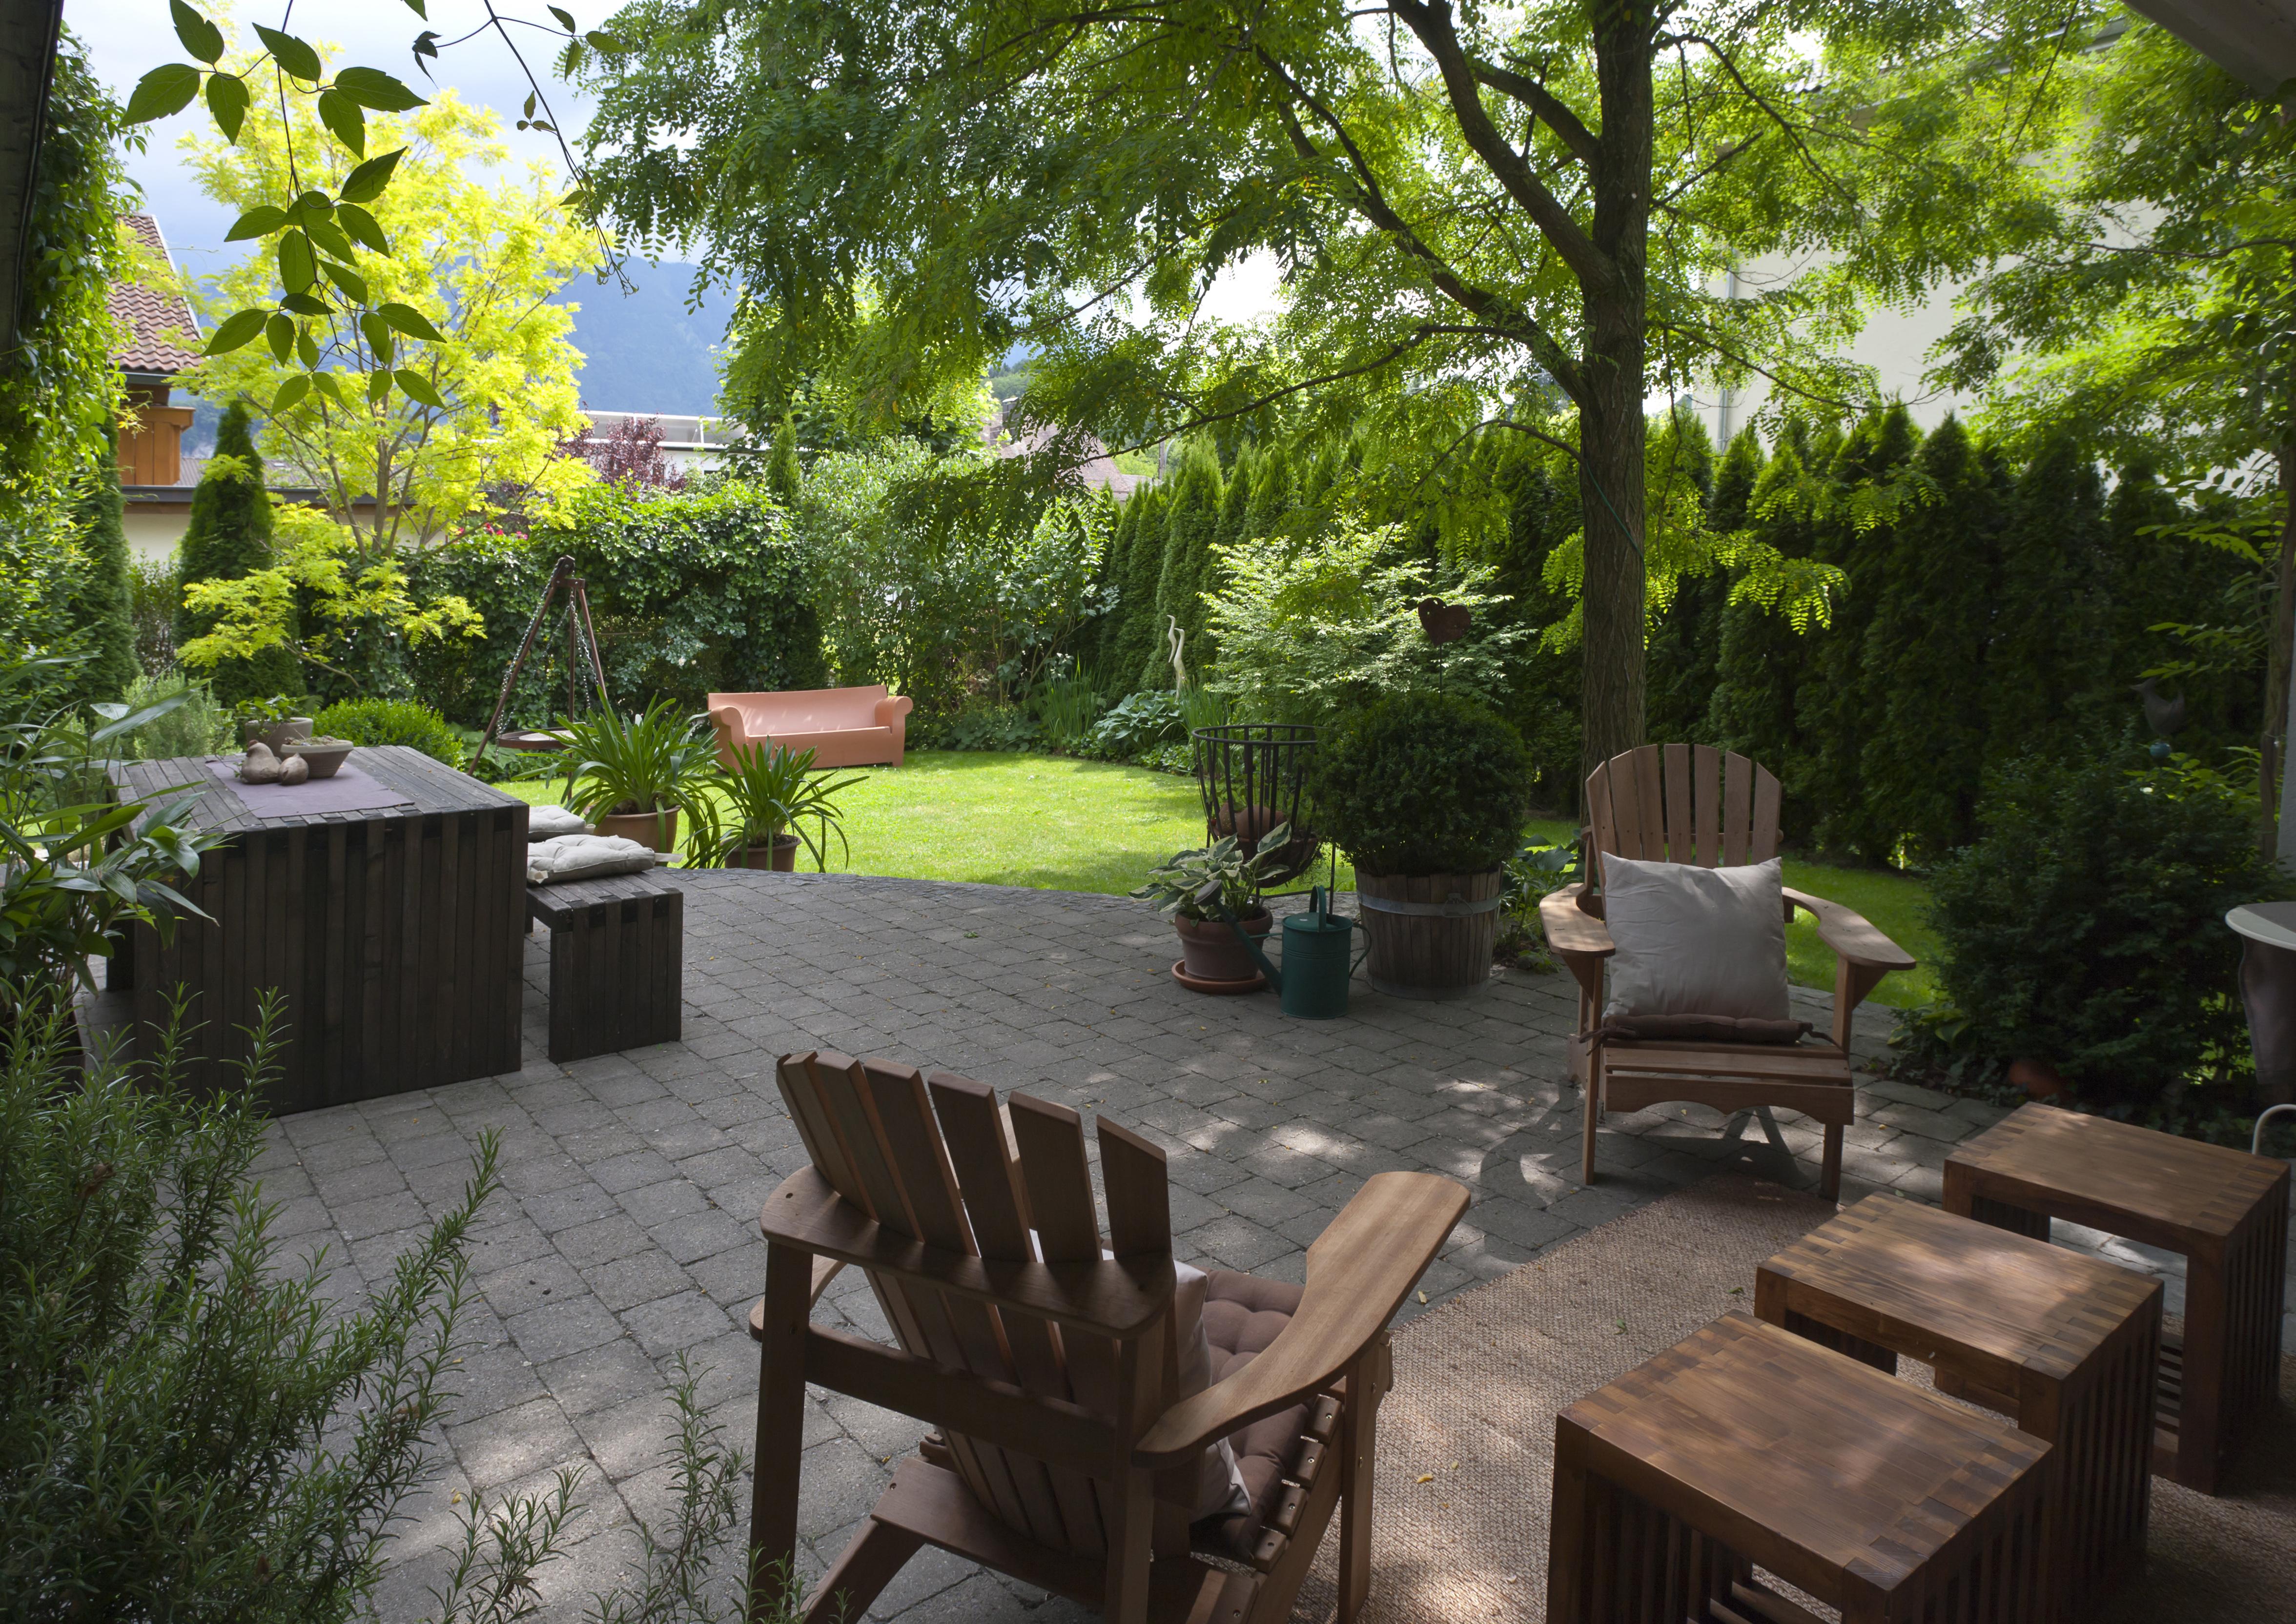 ein wohnzimmer im garten amann gartenbau amann gartenbau. Black Bedroom Furniture Sets. Home Design Ideas